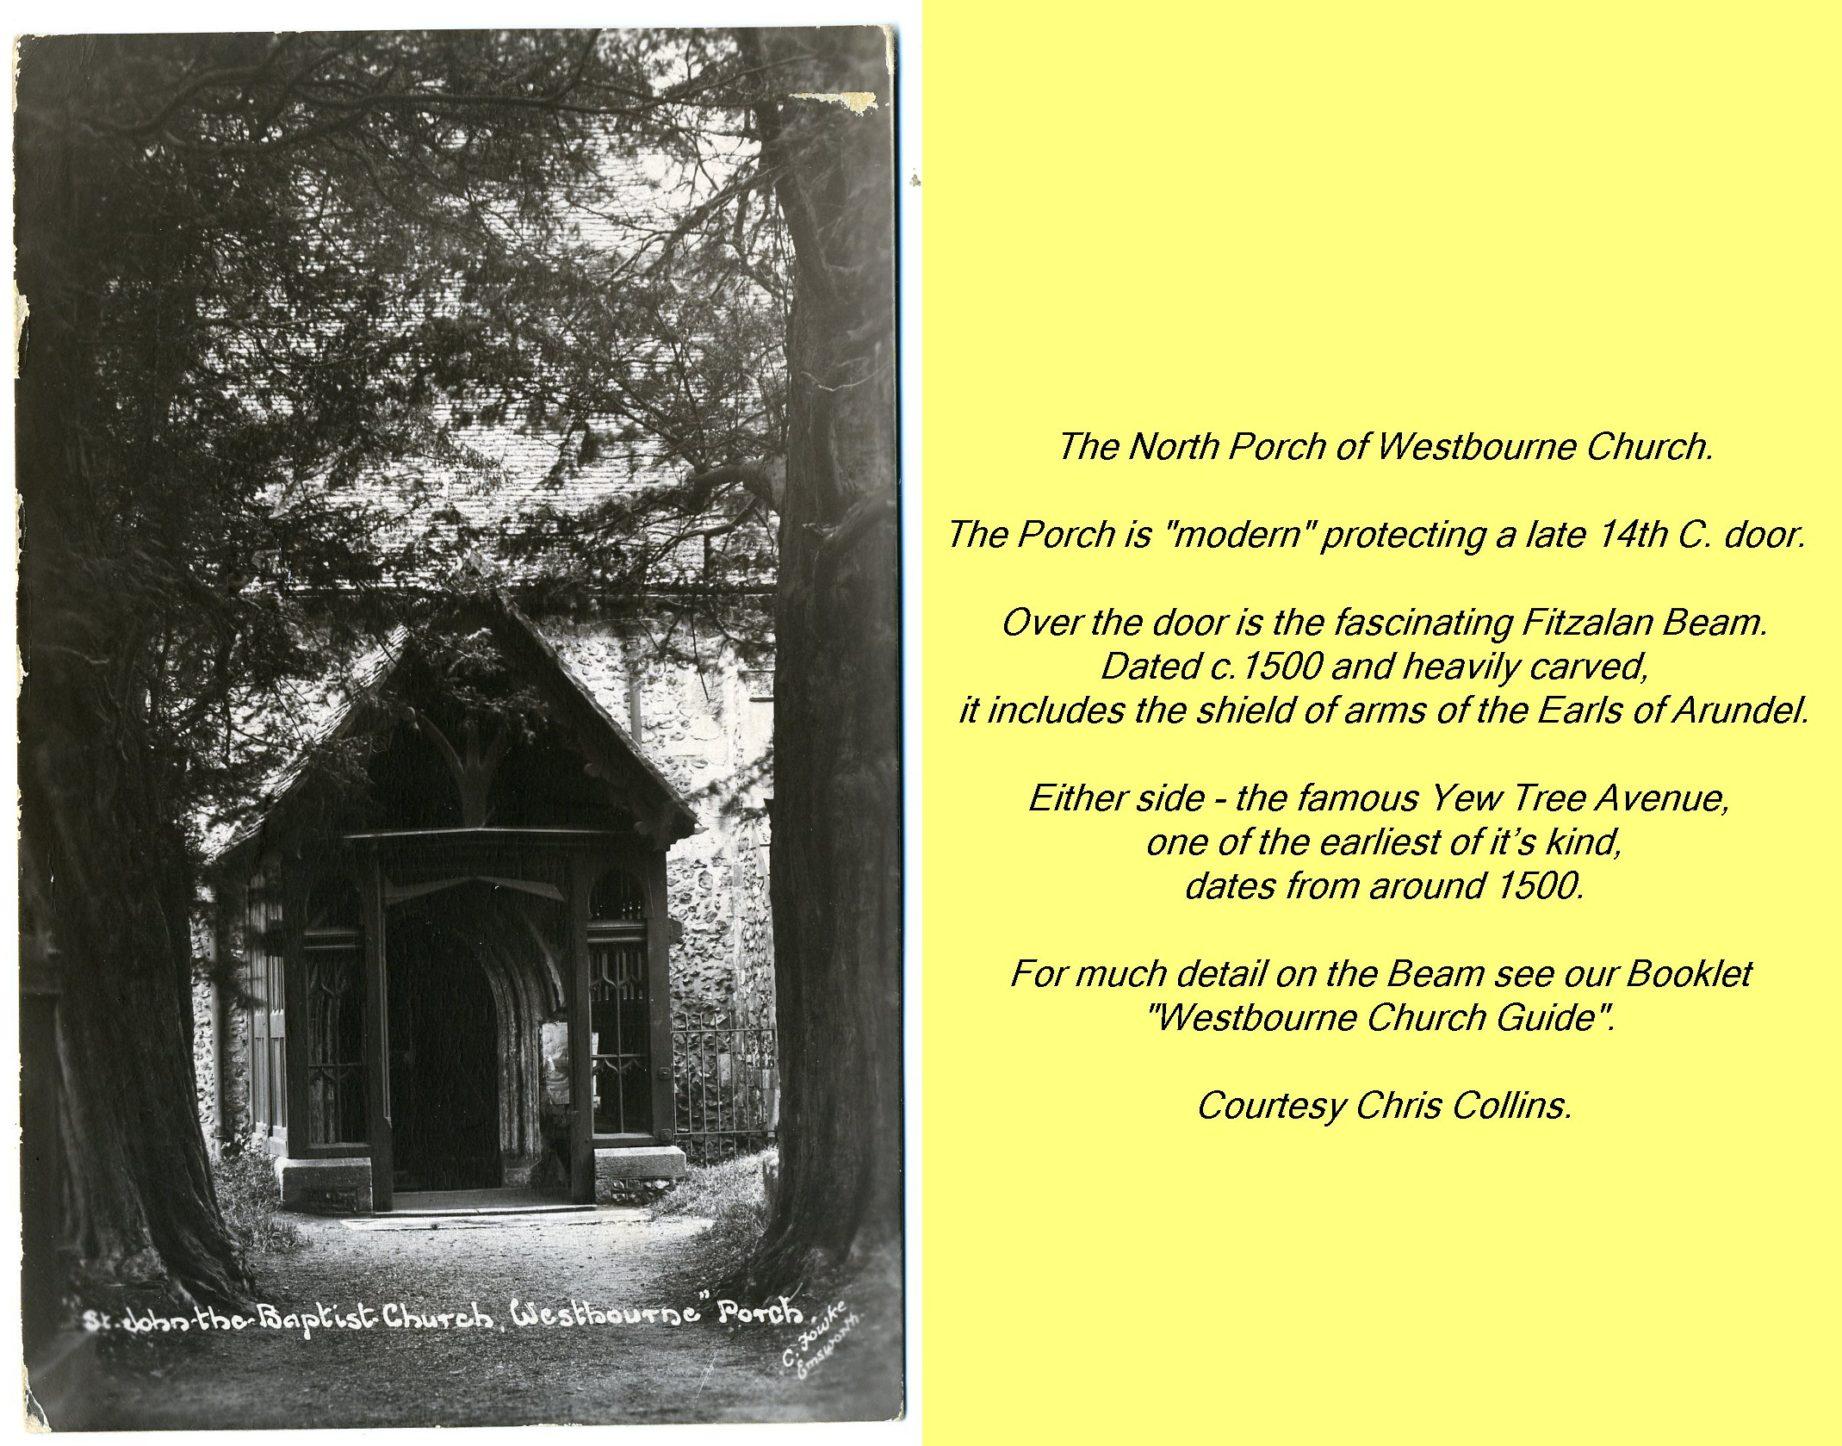 Chris Collns Postcards 2018 - 38